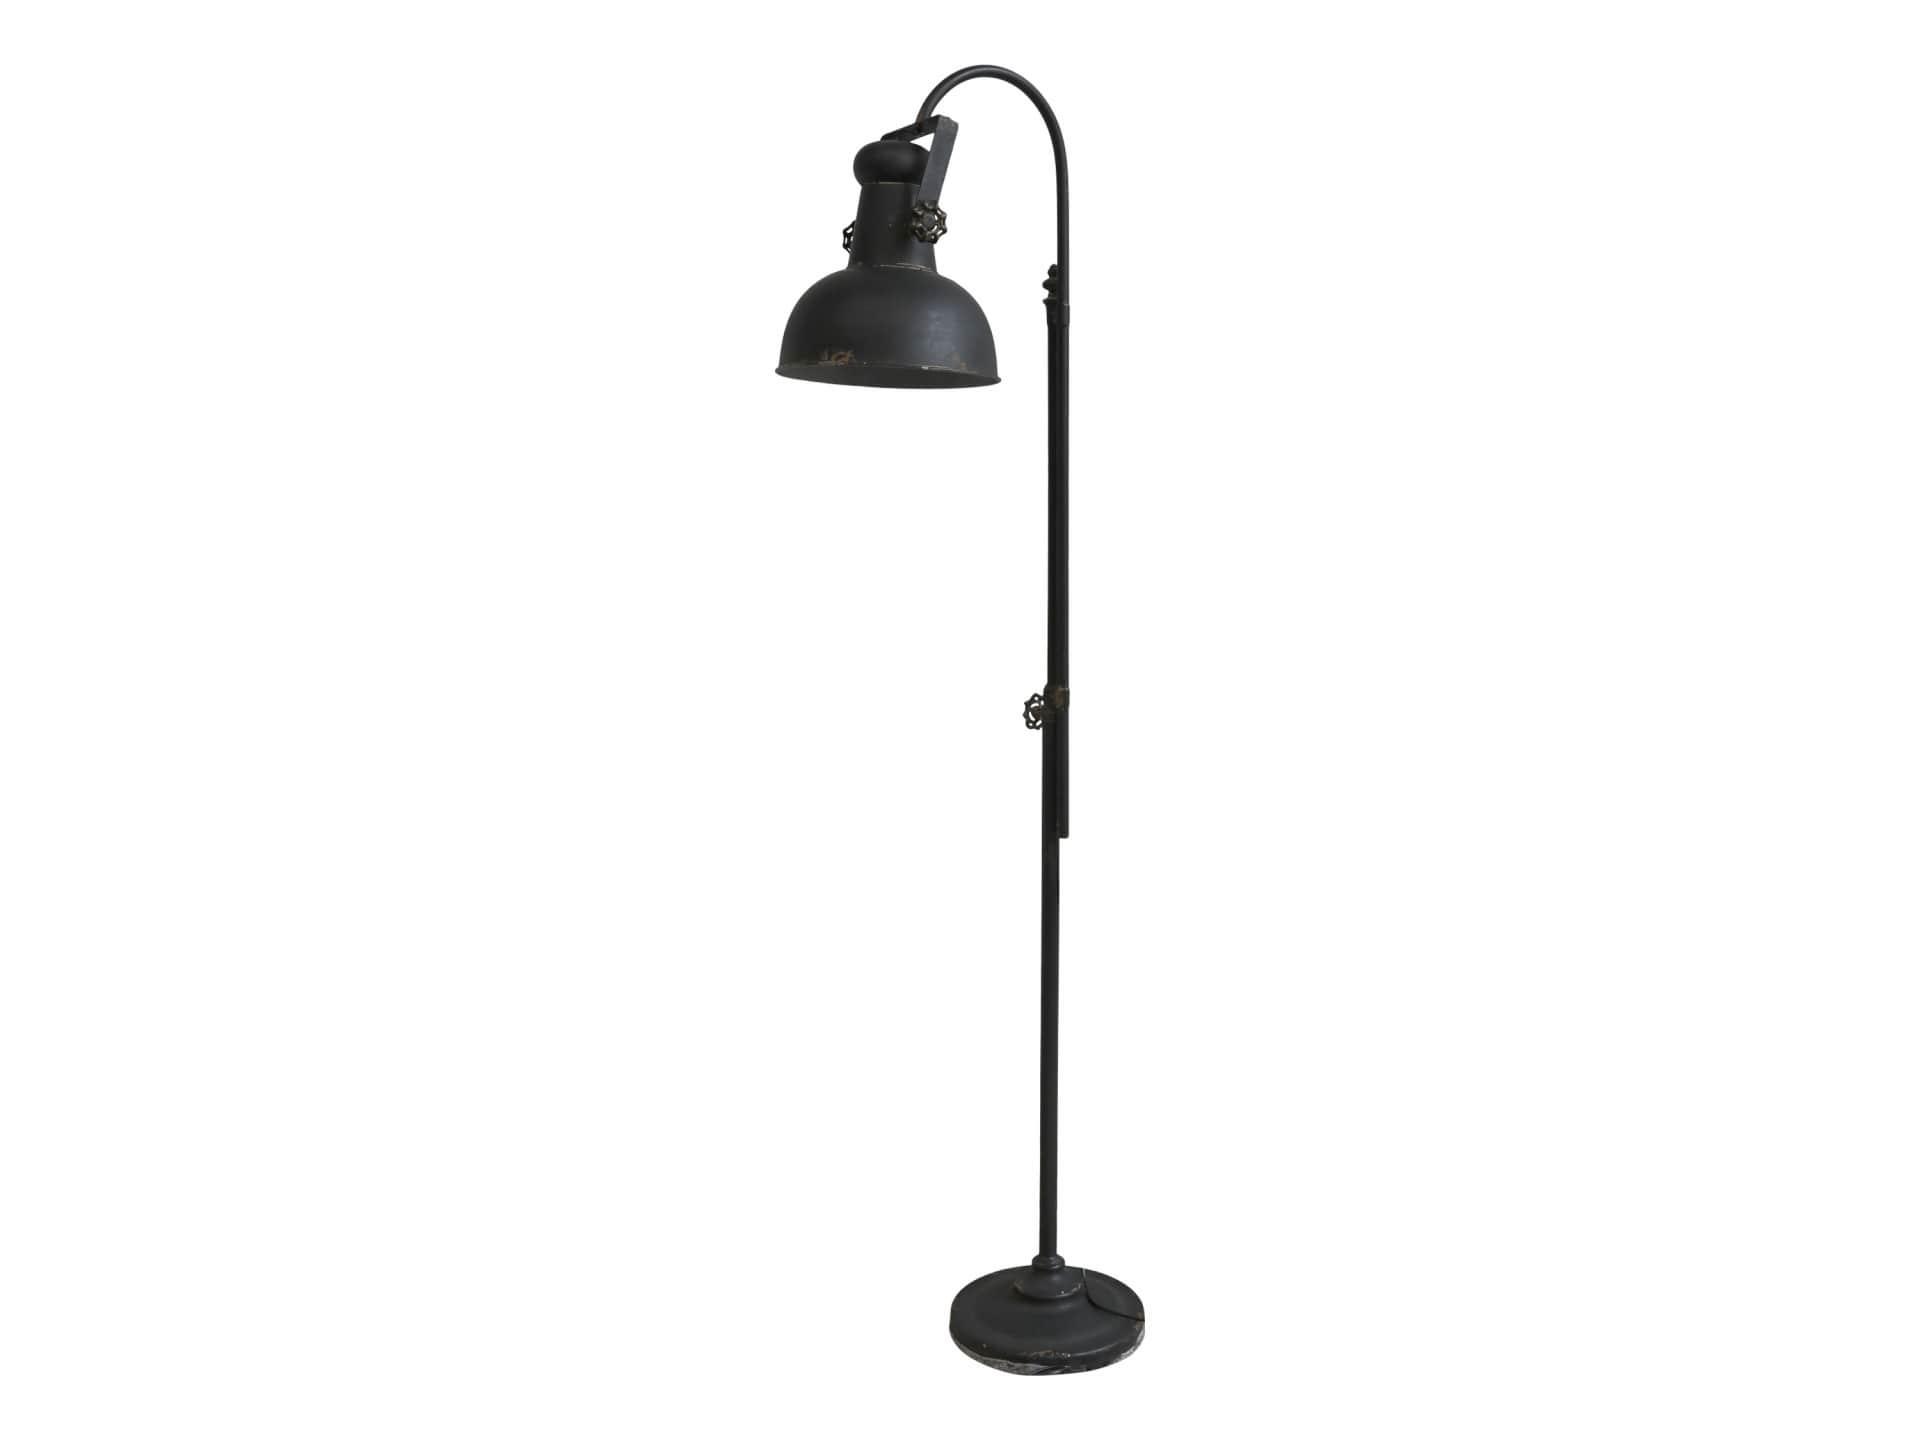 Chic Antique Stojací lampa Factory Antique Black 1,75m, černá barva, kov